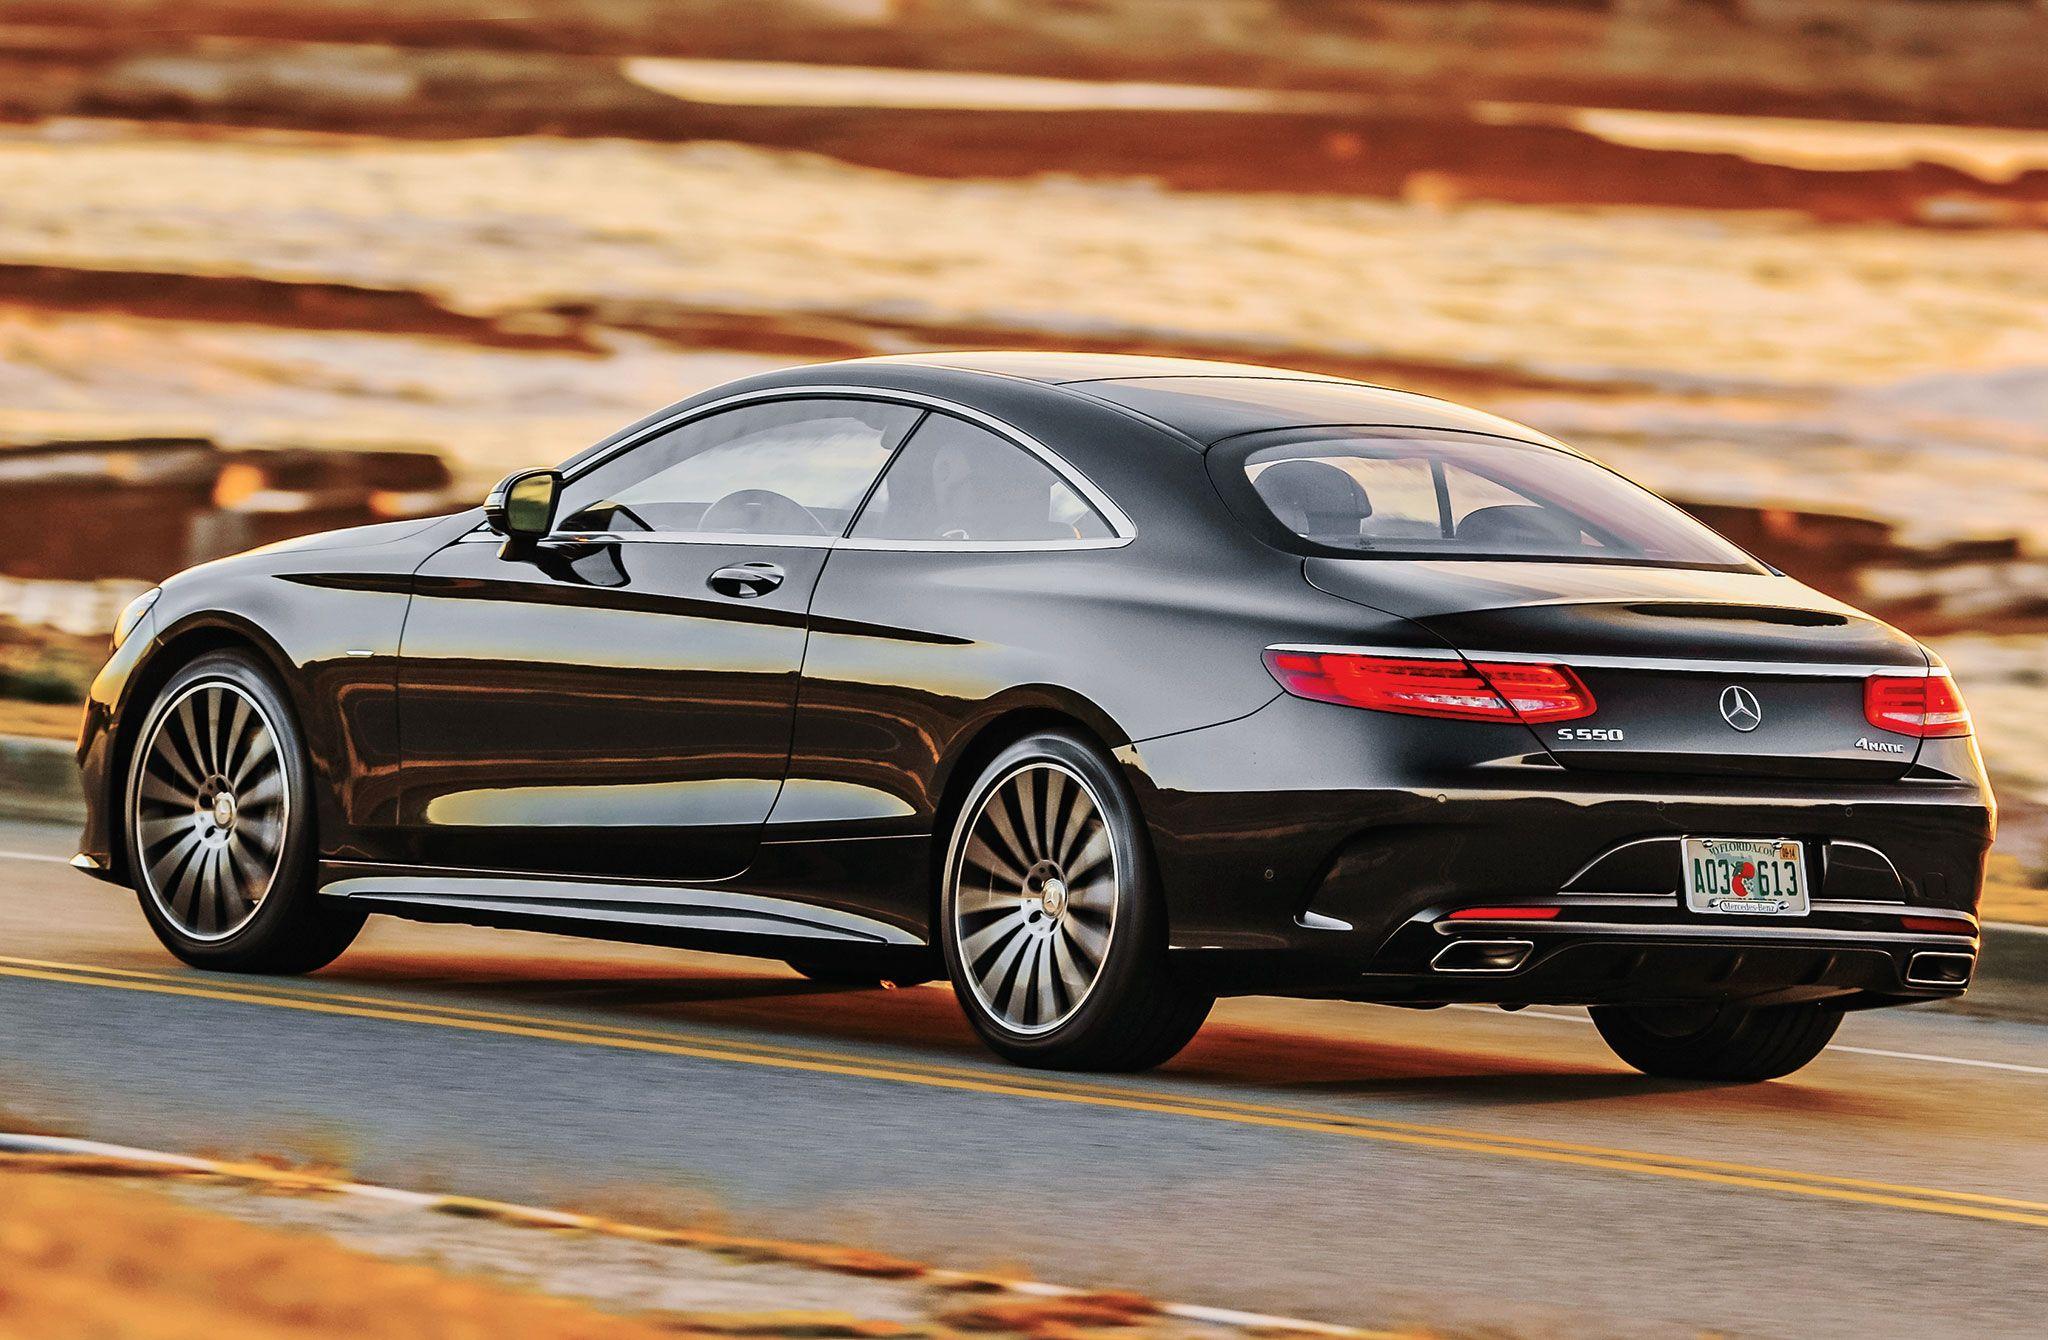 Oficial: ya hay fecha para el debut del nuevo Mercedes Clase S Coupé y Cabrio